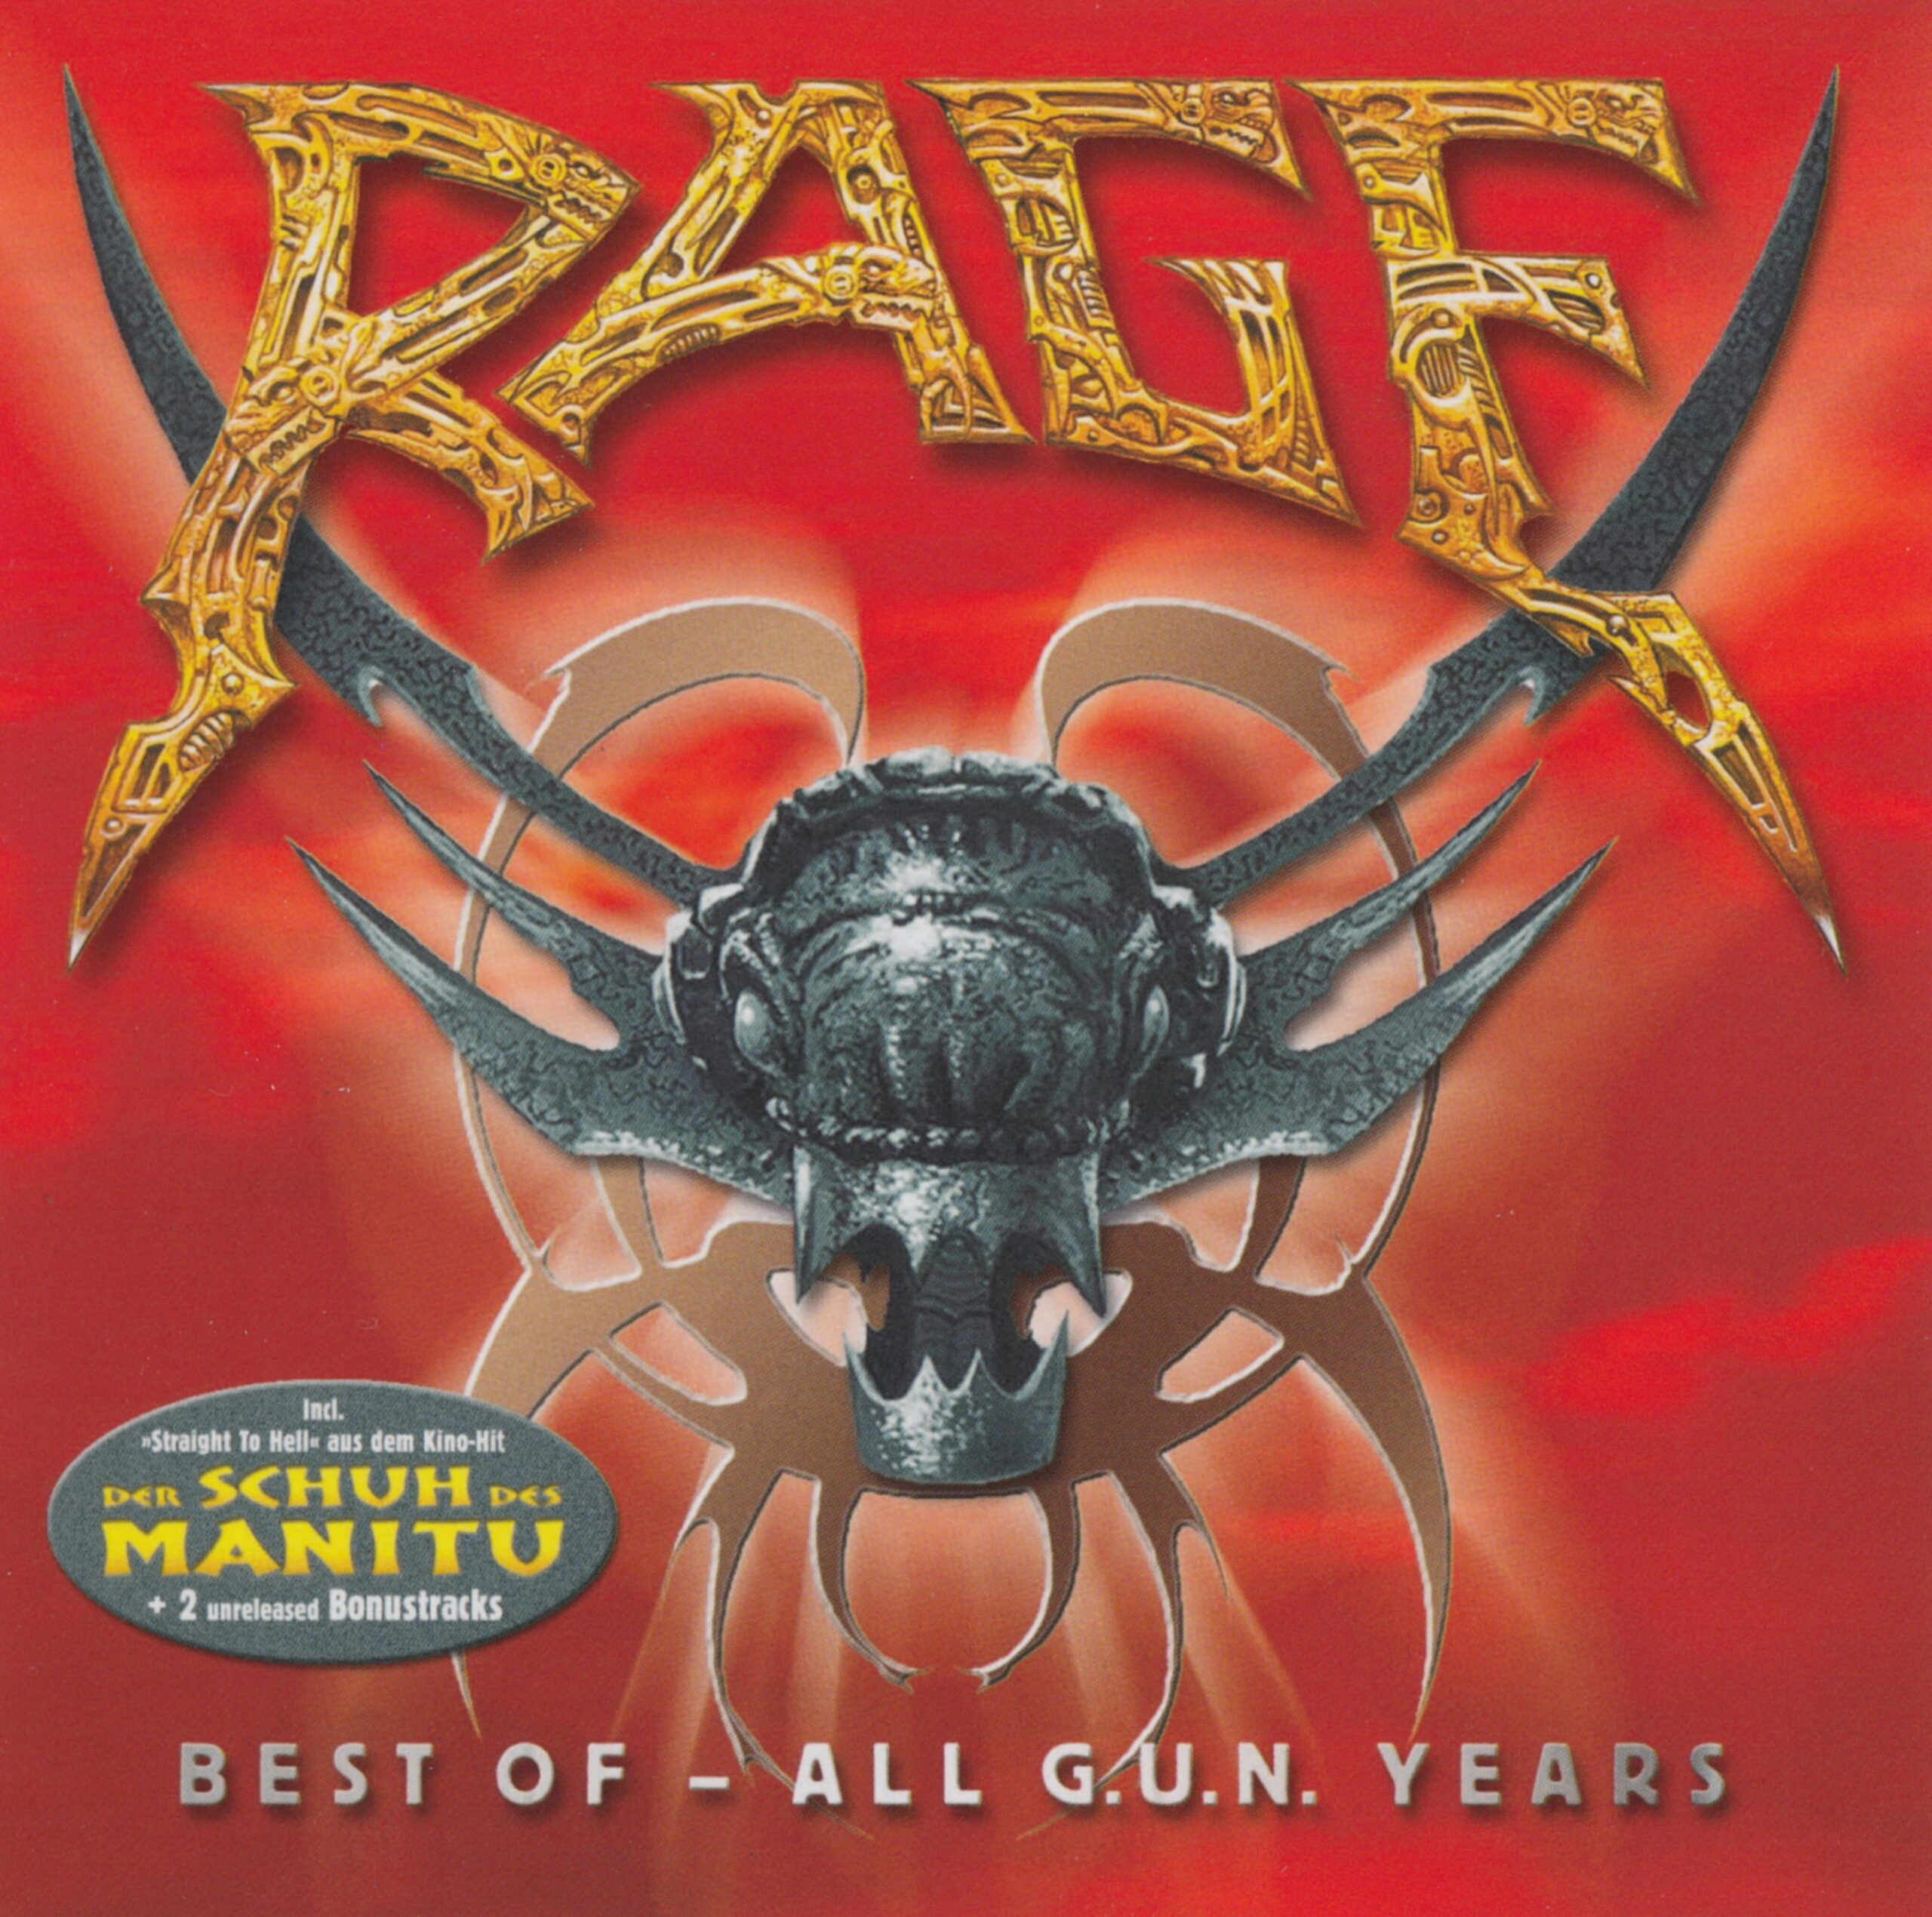 Rage — Best Of All G.U.N. Years (2001)